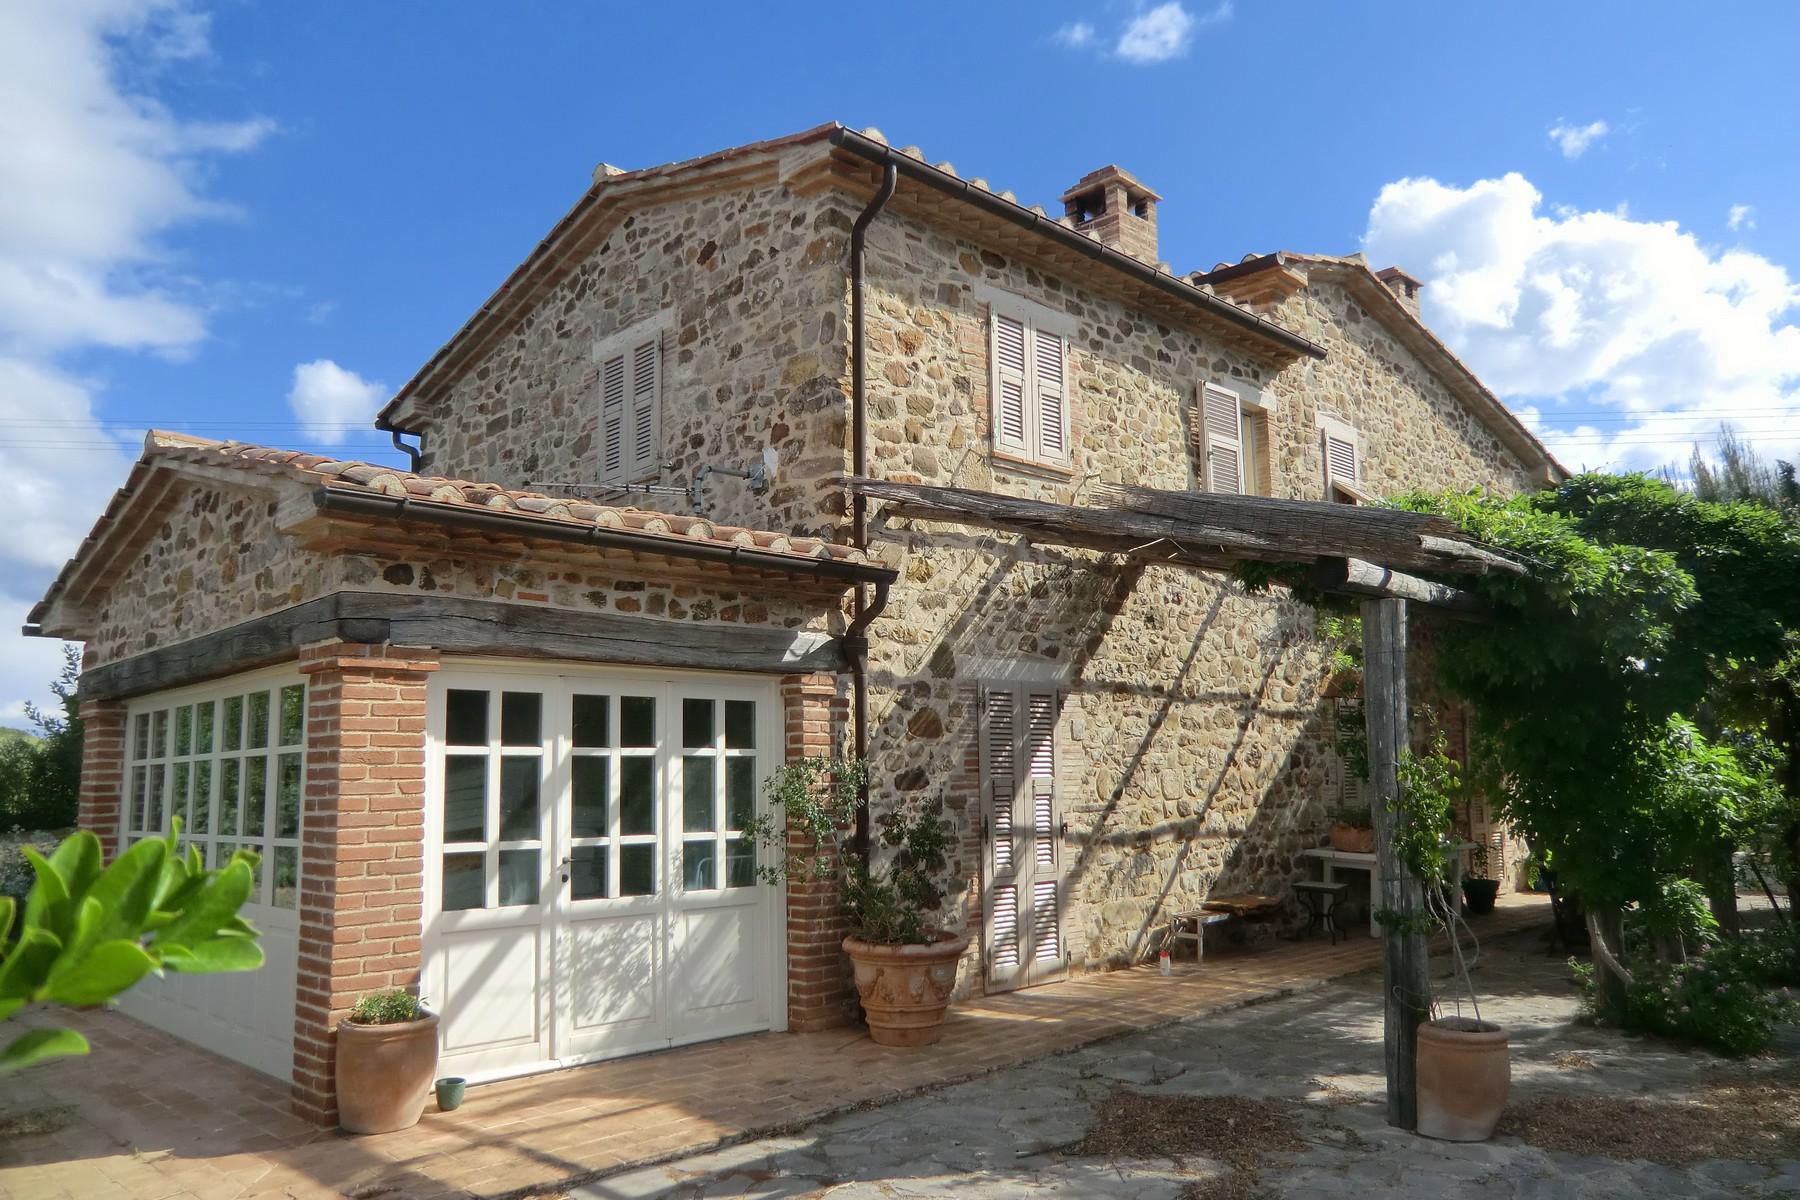 Rustico in Vendita a Manciano: 5 locali, 180 mq - Foto 3